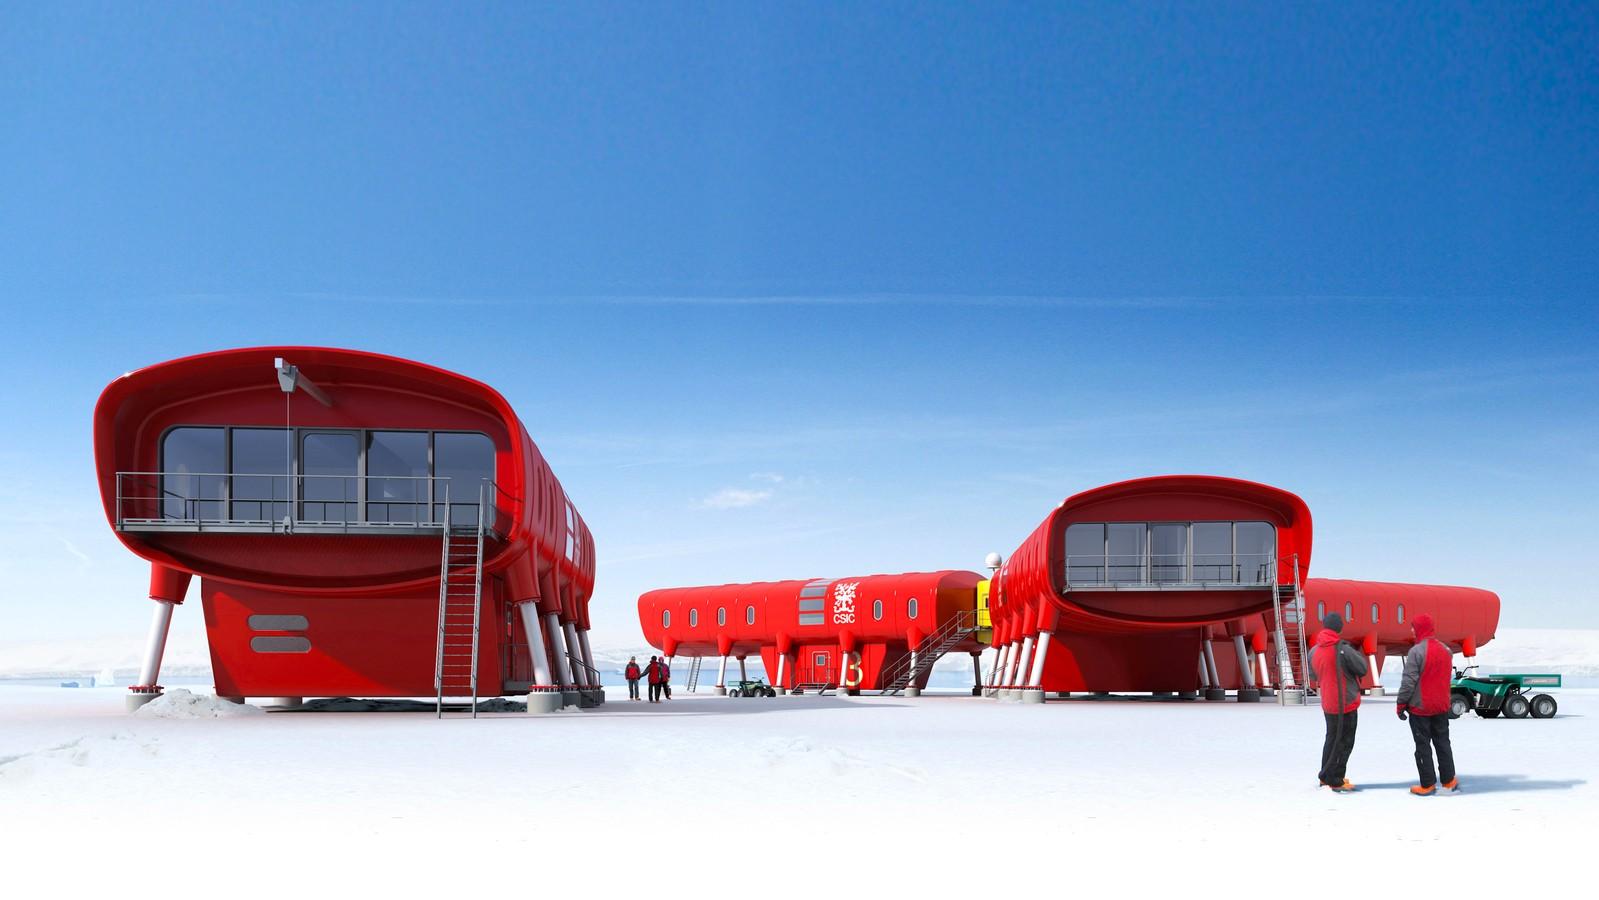 Juan Carlos 1 Antarctic Research Station 2